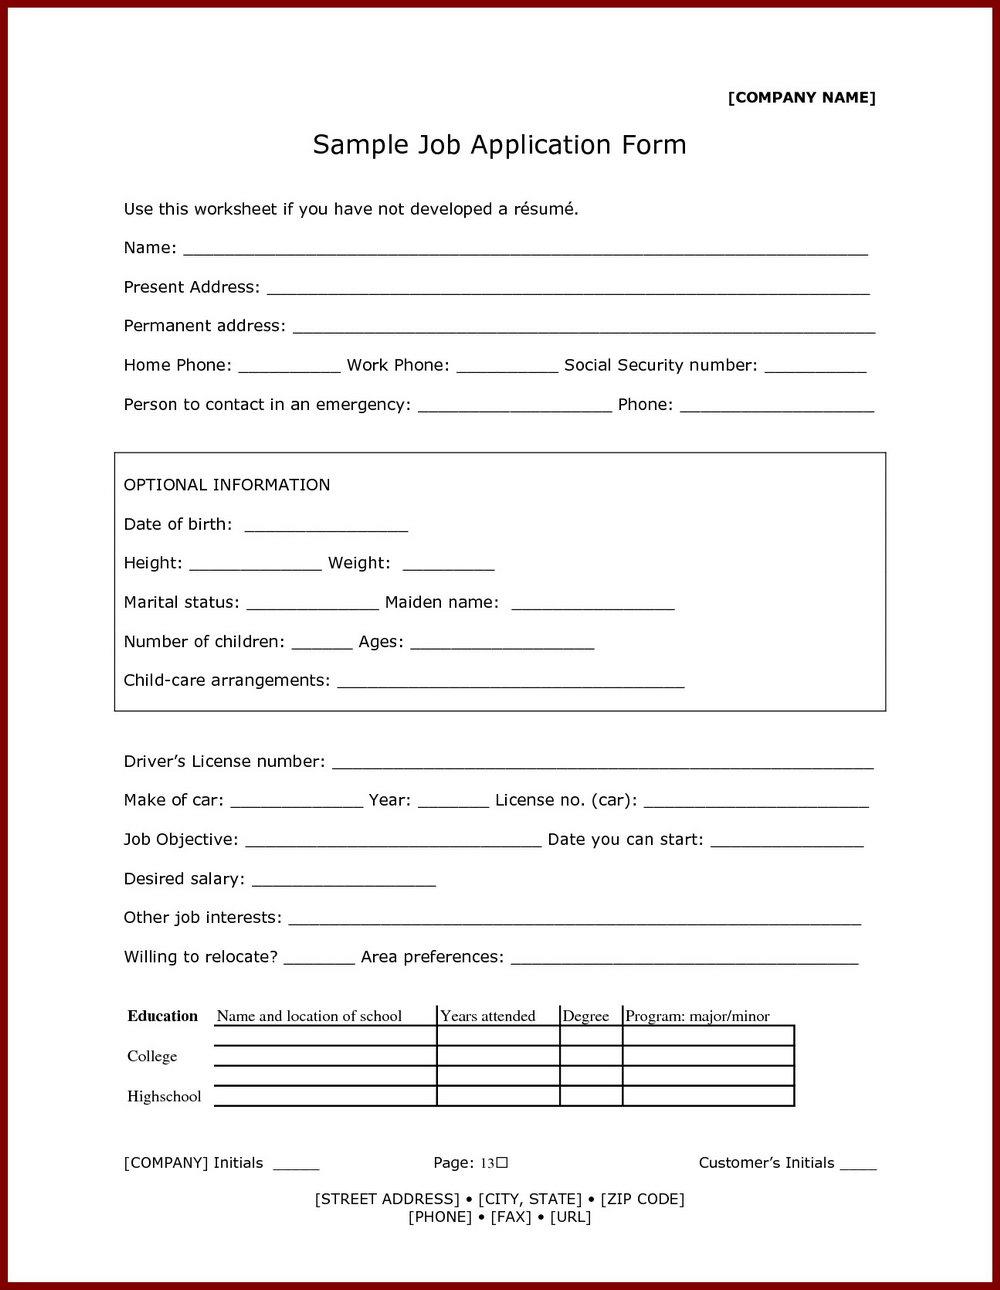 Red Lobster Job Application Form Online